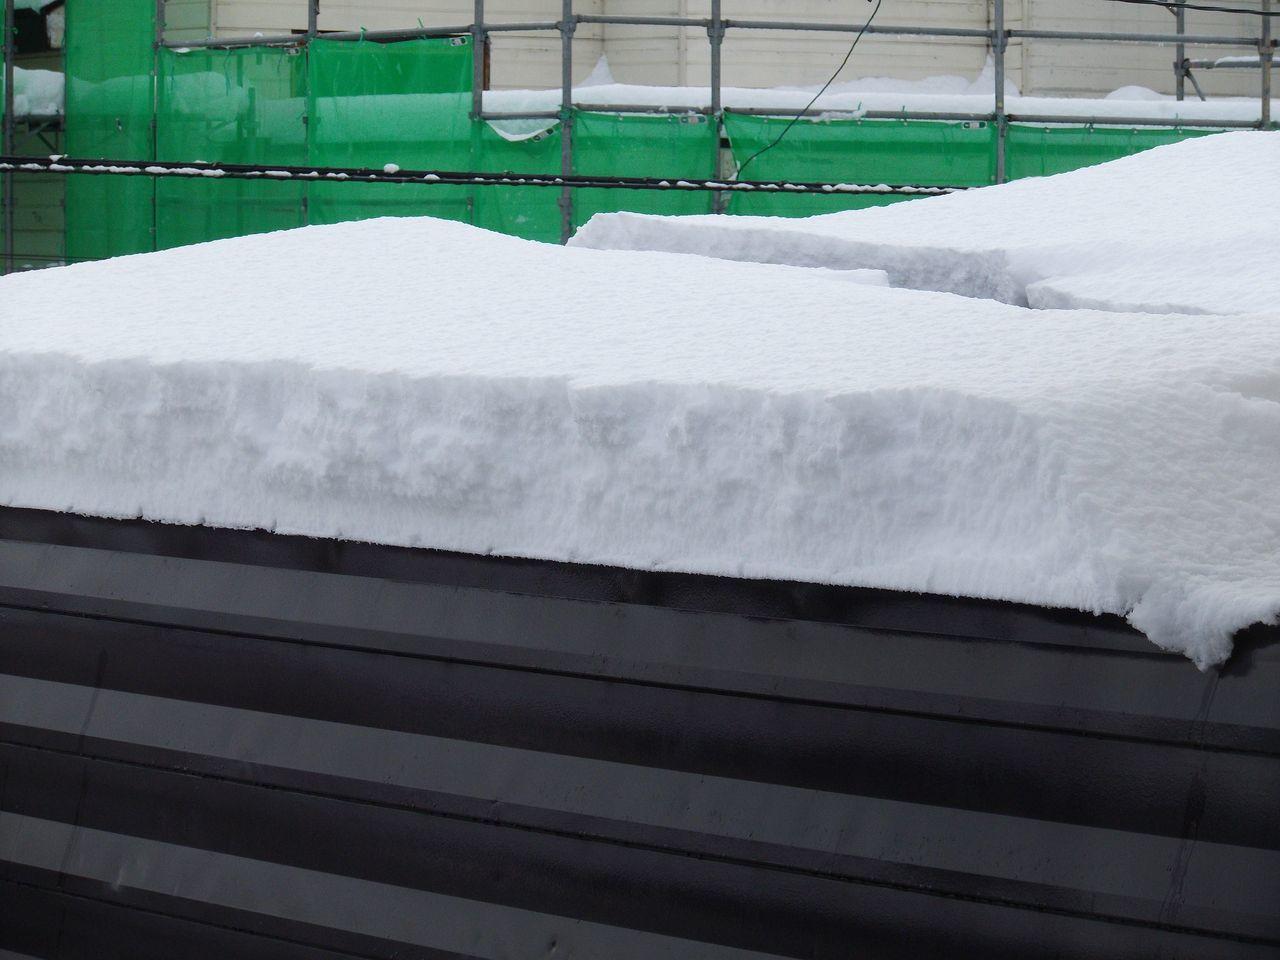 降って降って11月としては62年ぶりの大雪_c0025115_18383919.jpg